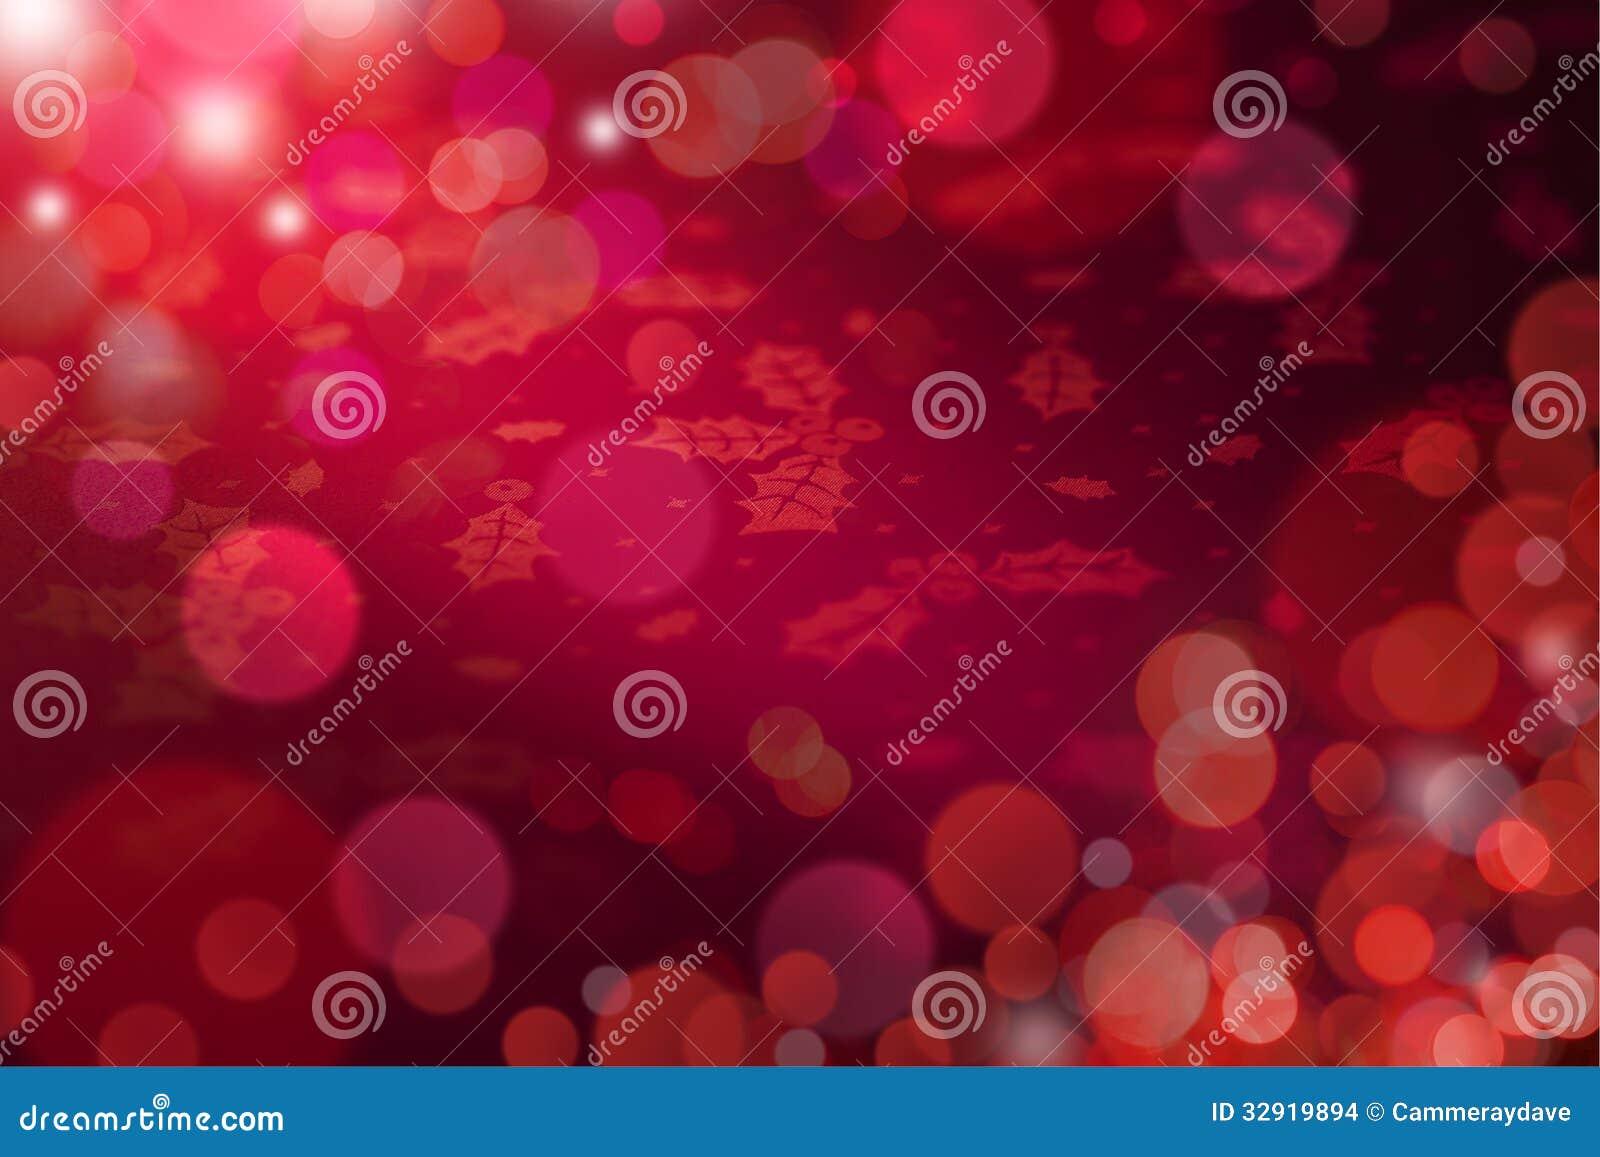 红色圣诞灯抽象背景